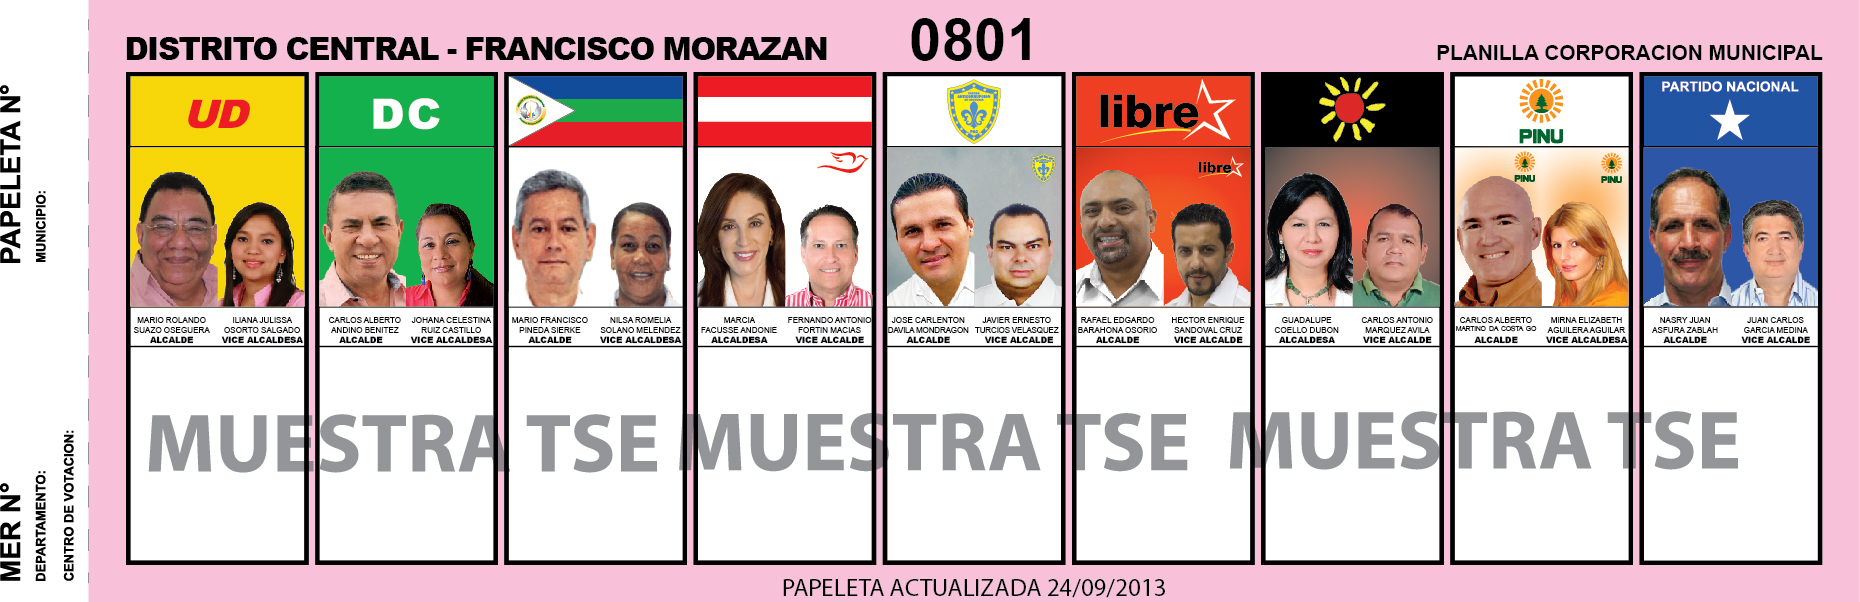 CANDIDATOS 2013 MUNICIPIO DISTRITO CENTRAL - FRANCISCO MORAZAN - HONDURAS